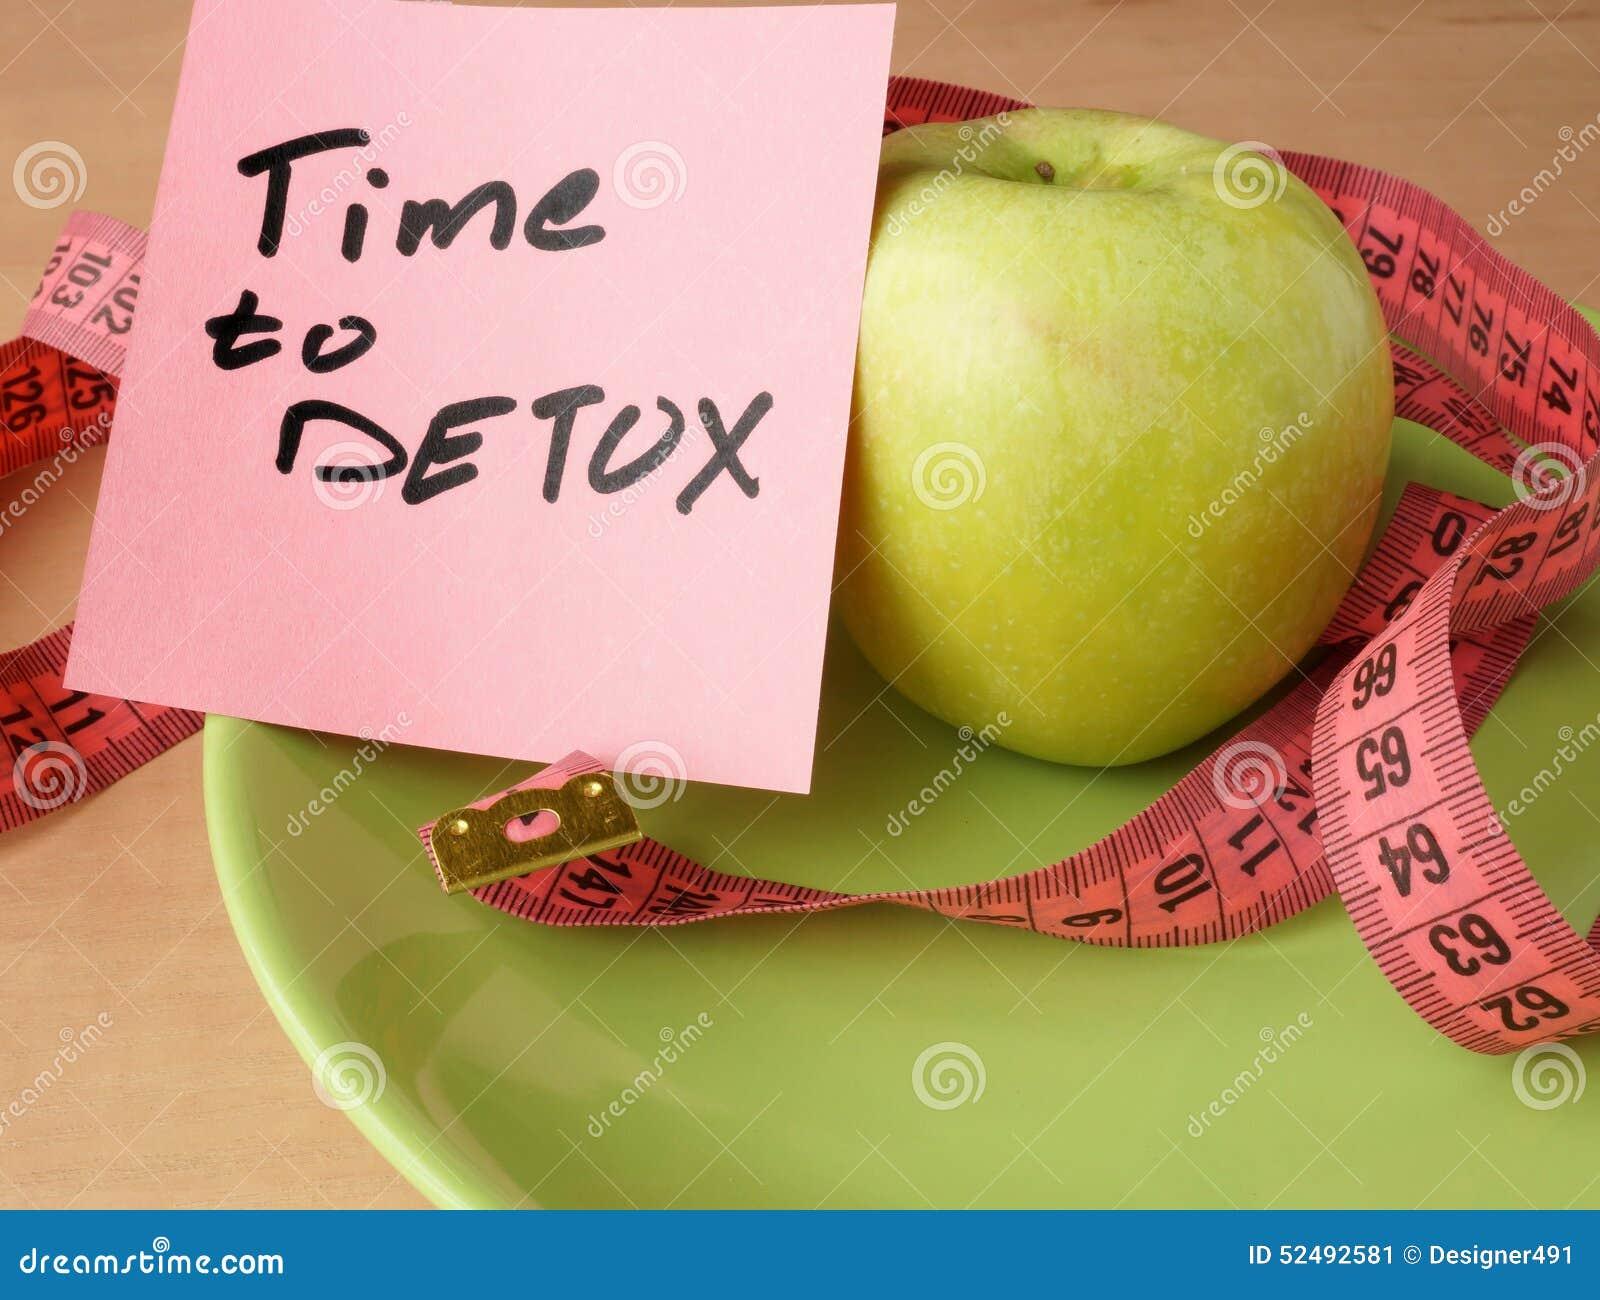 papier avec du temps au detox la pomme et la bande de mesure photo stock image 52492581. Black Bedroom Furniture Sets. Home Design Ideas